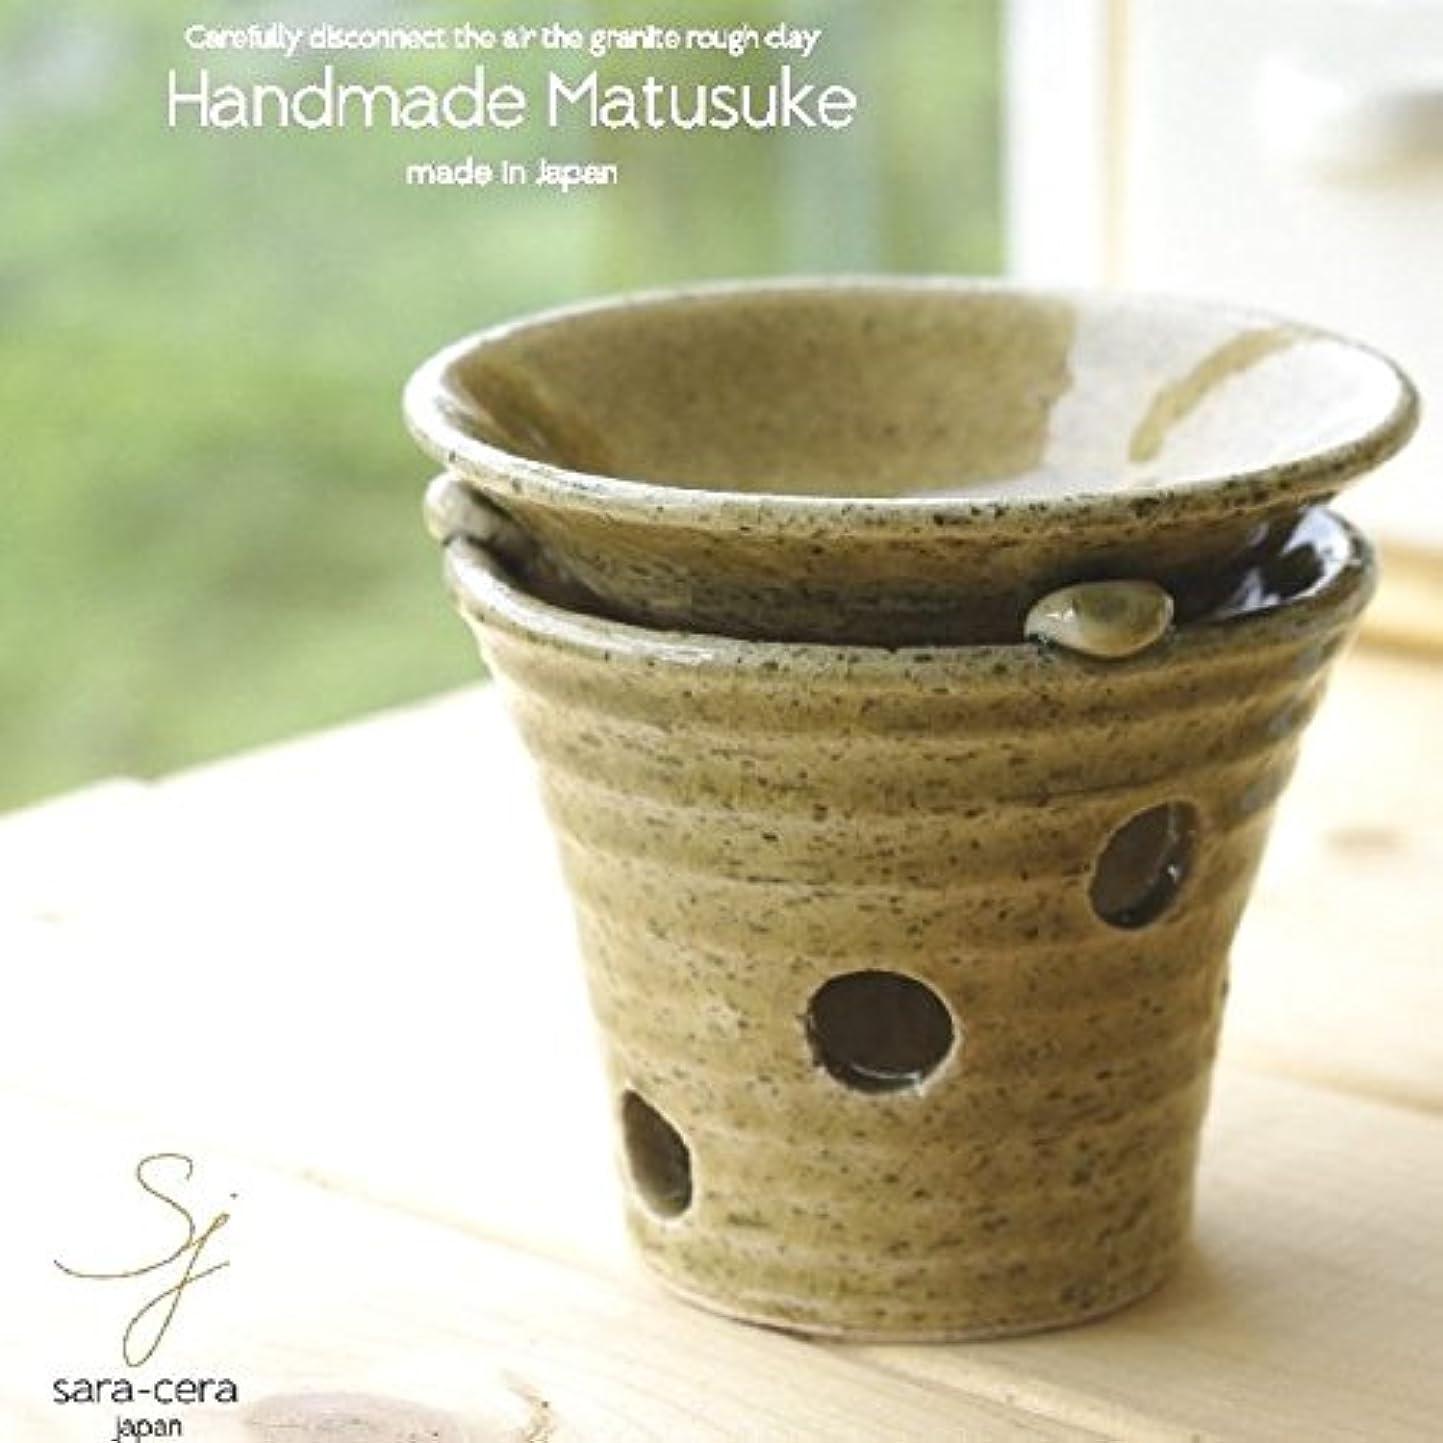 シャベル中級行政松助窯 手作り茶香炉セット 灰釉ビードロ アロマ 和風 陶器 手づくり 日本製 美濃焼